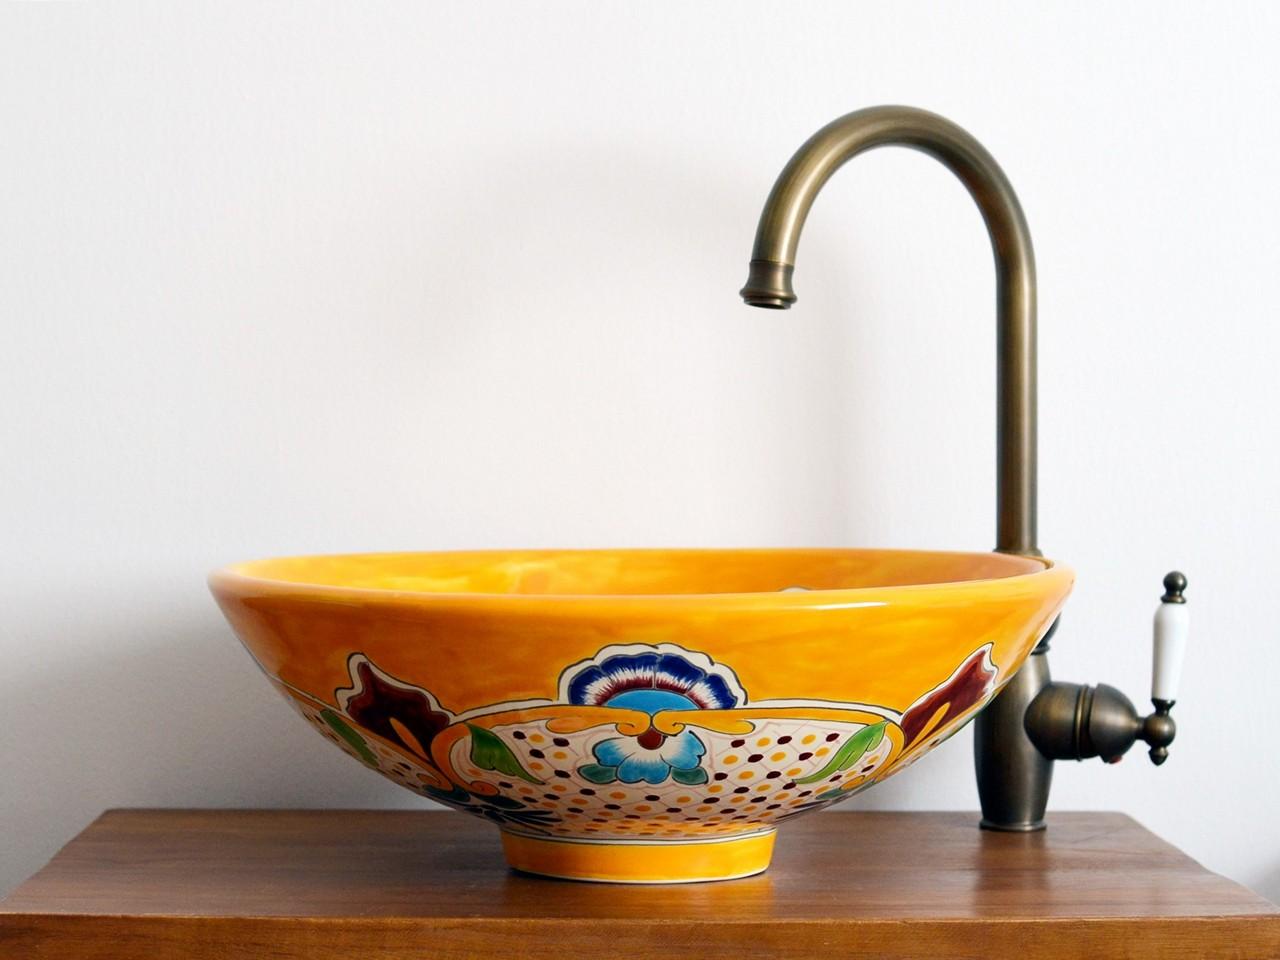 Großes Design-Aufsatzwaschbecken MEX5 Puebla - 44 cm - handbemalt